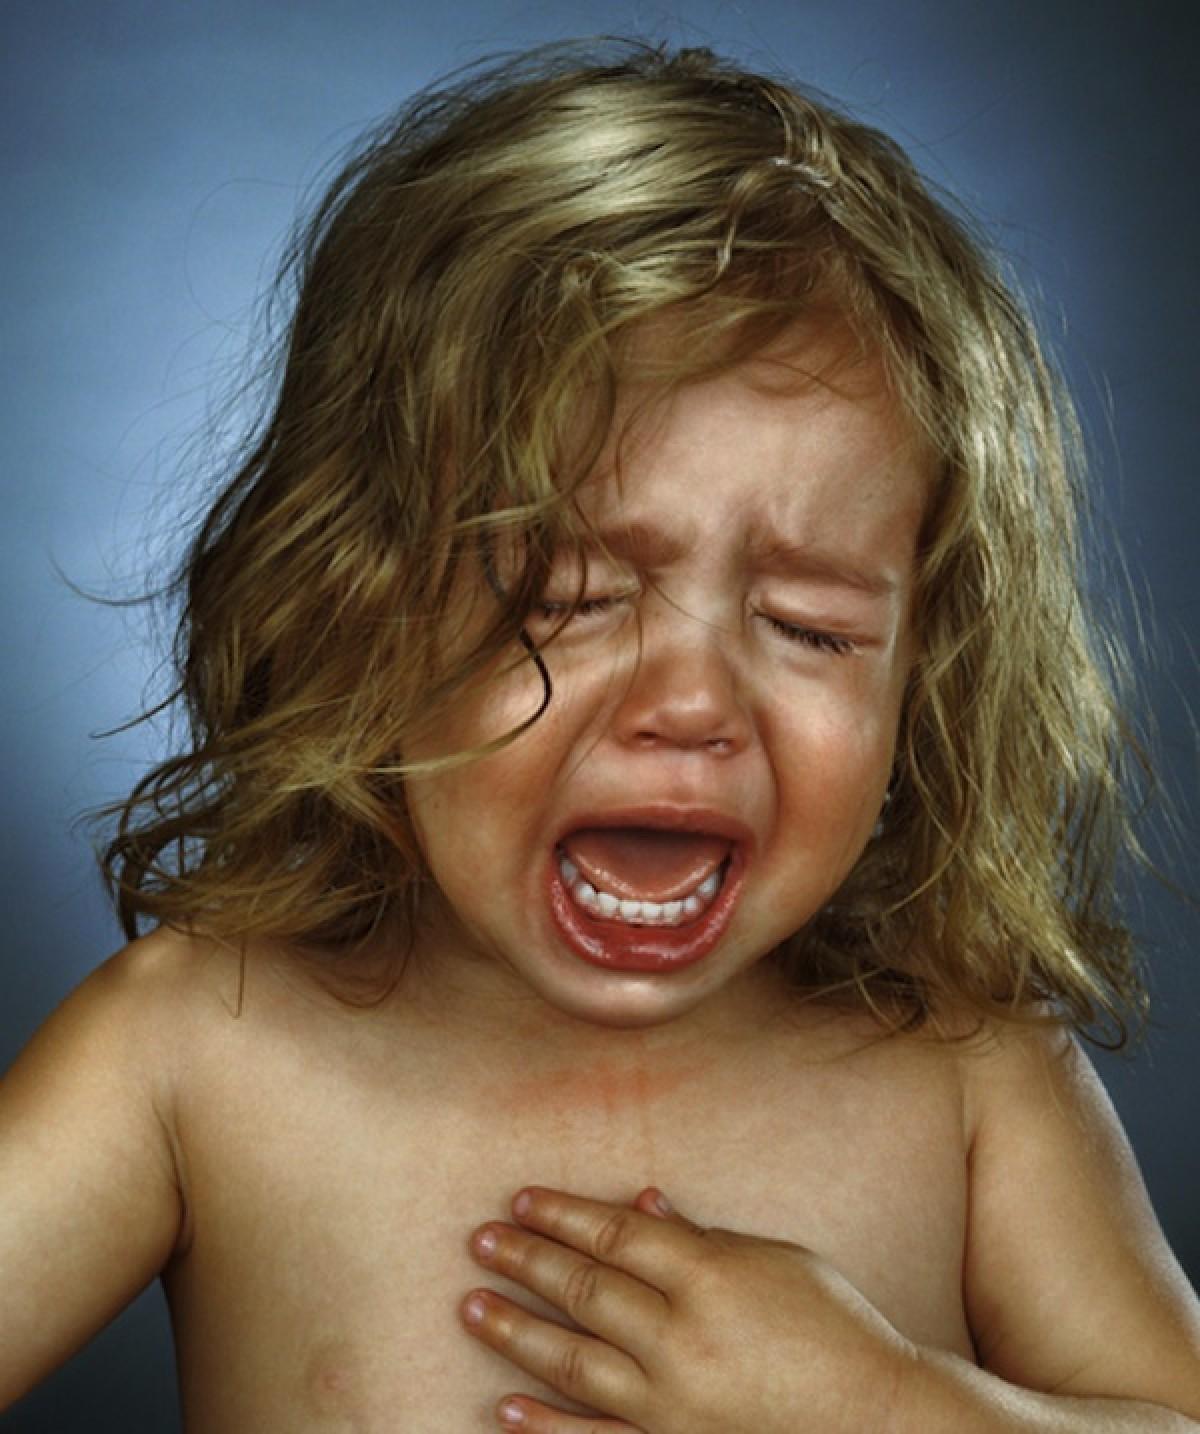 Γιατί κλαις παιδί μου;